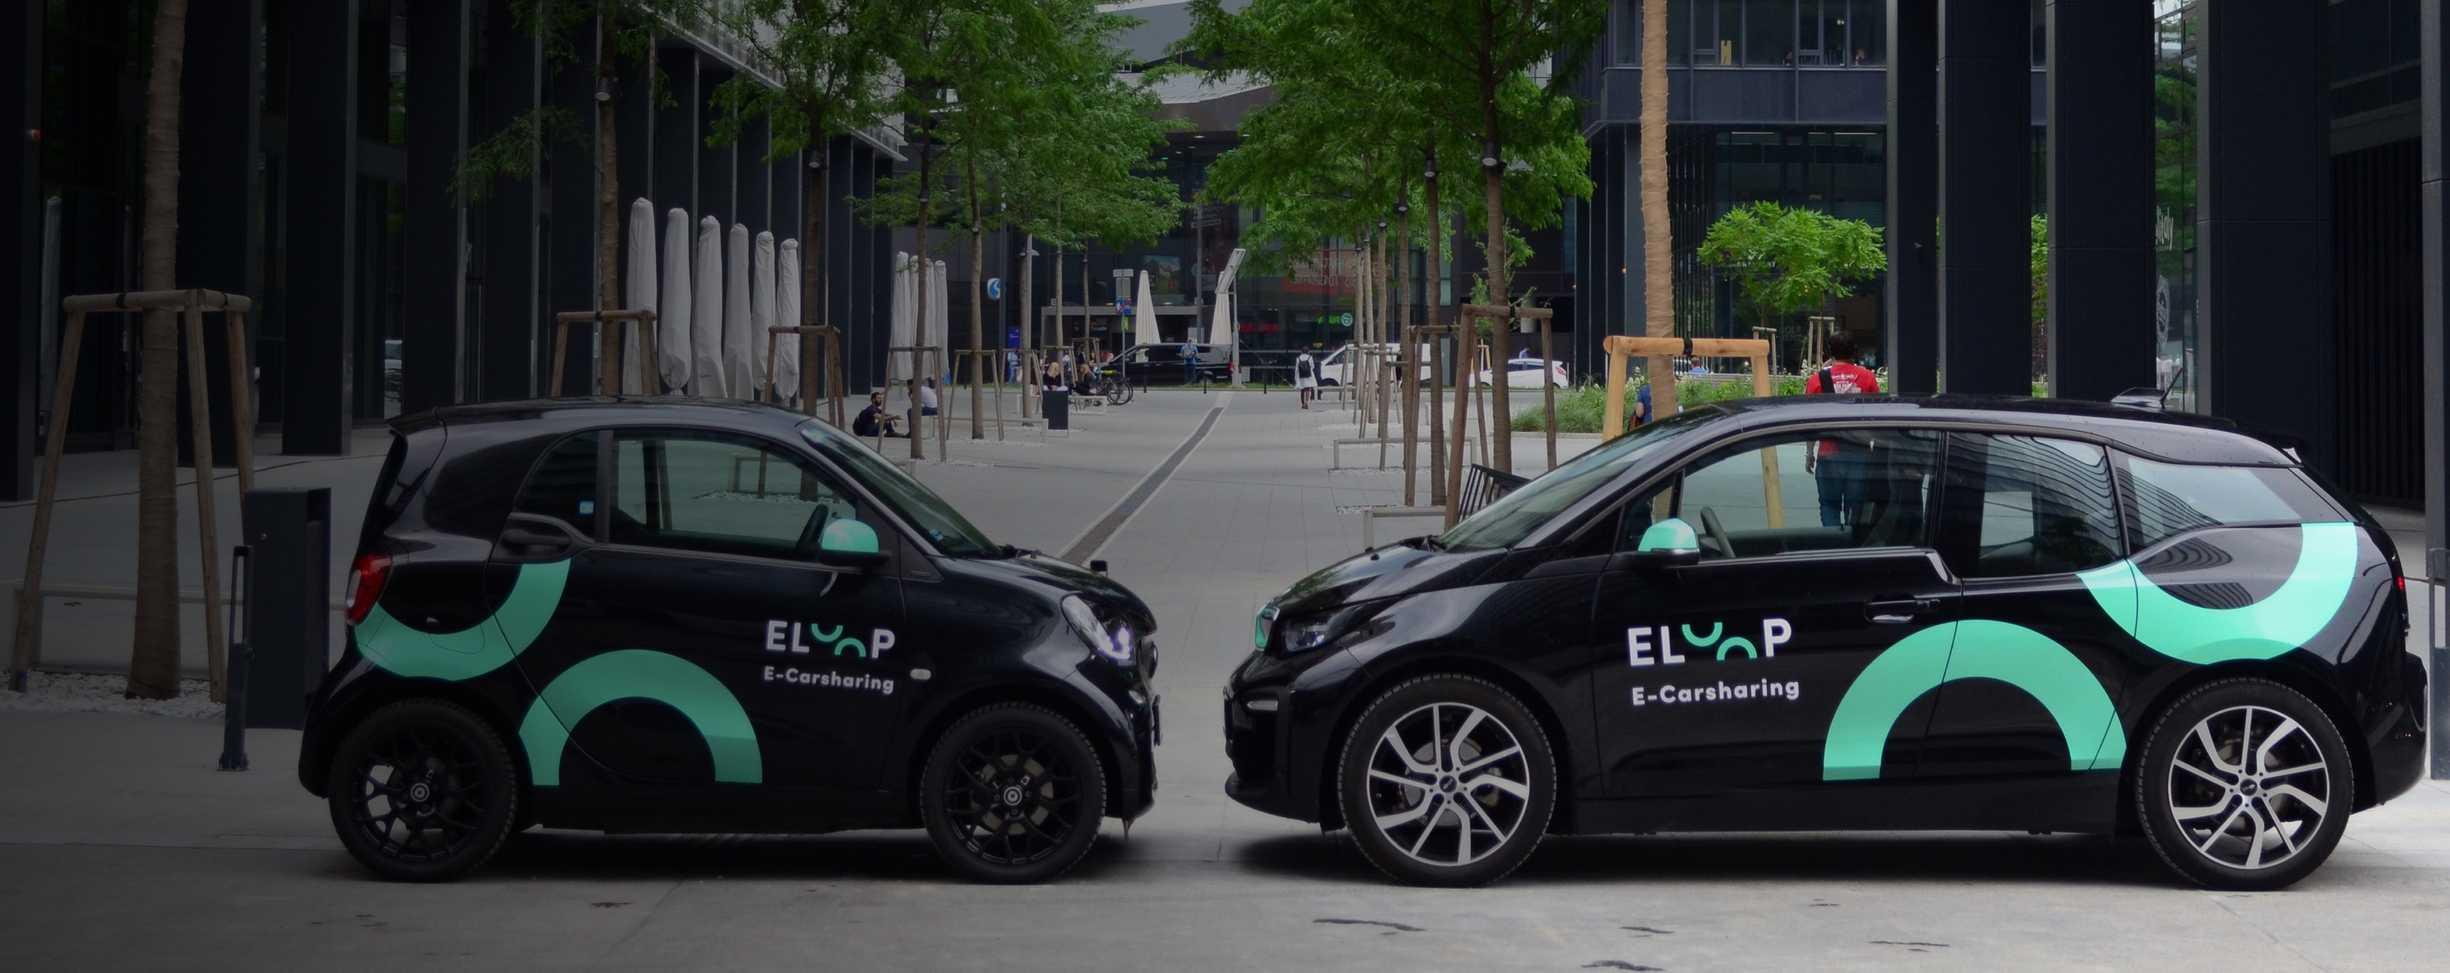 Eloop User in Vienna